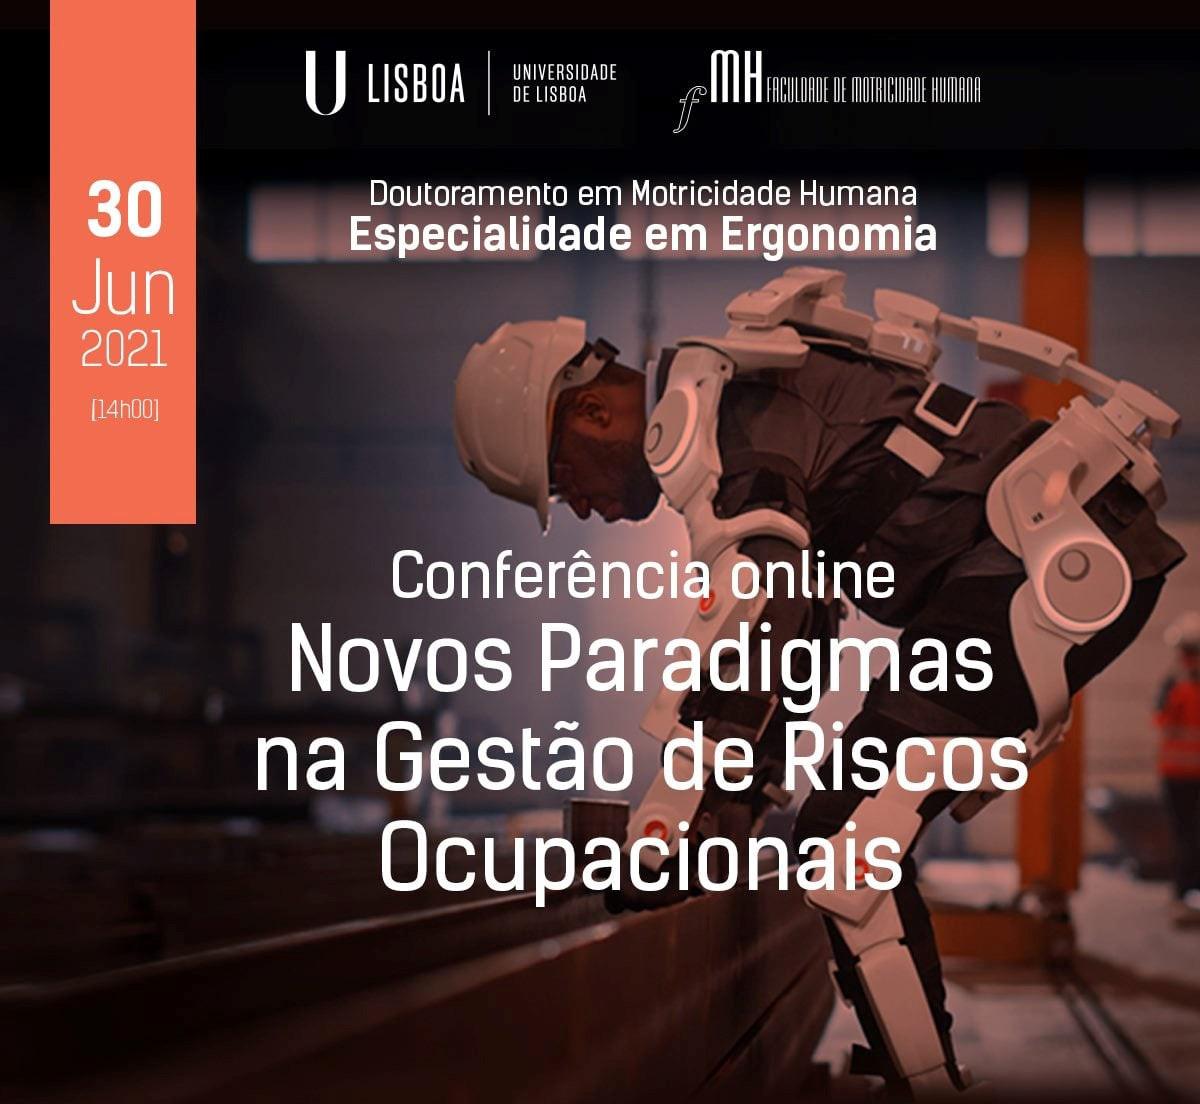 Conferência – Novos Paradigmas na Gestão de Riscos Ocupacionais